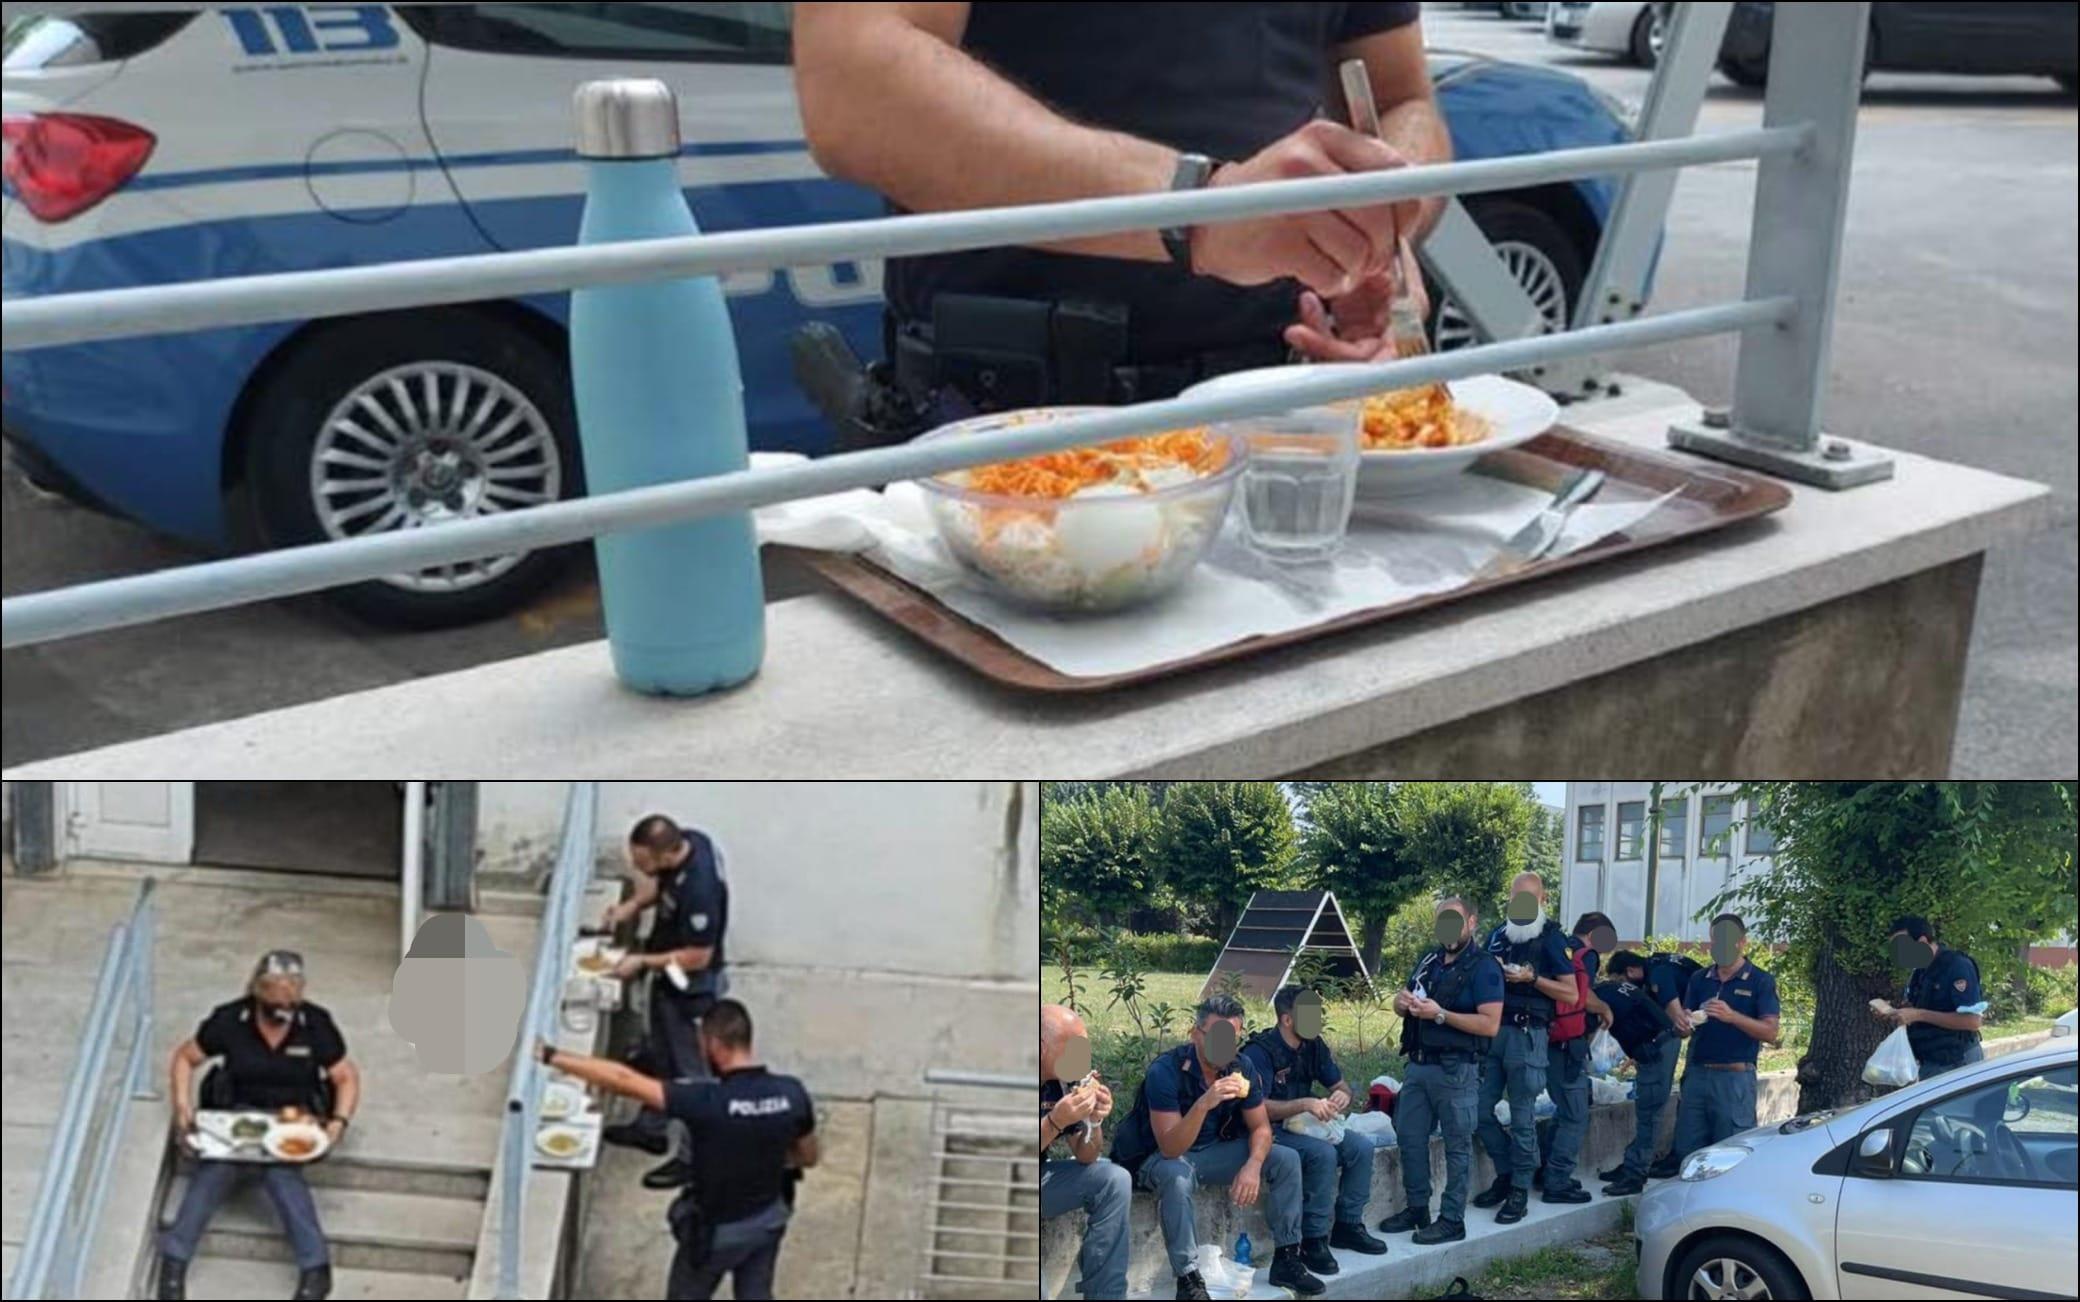 Green pass obbligatorio per poliziotti in mensa: molti mangiano in strada.  Il caso | Sky TG24